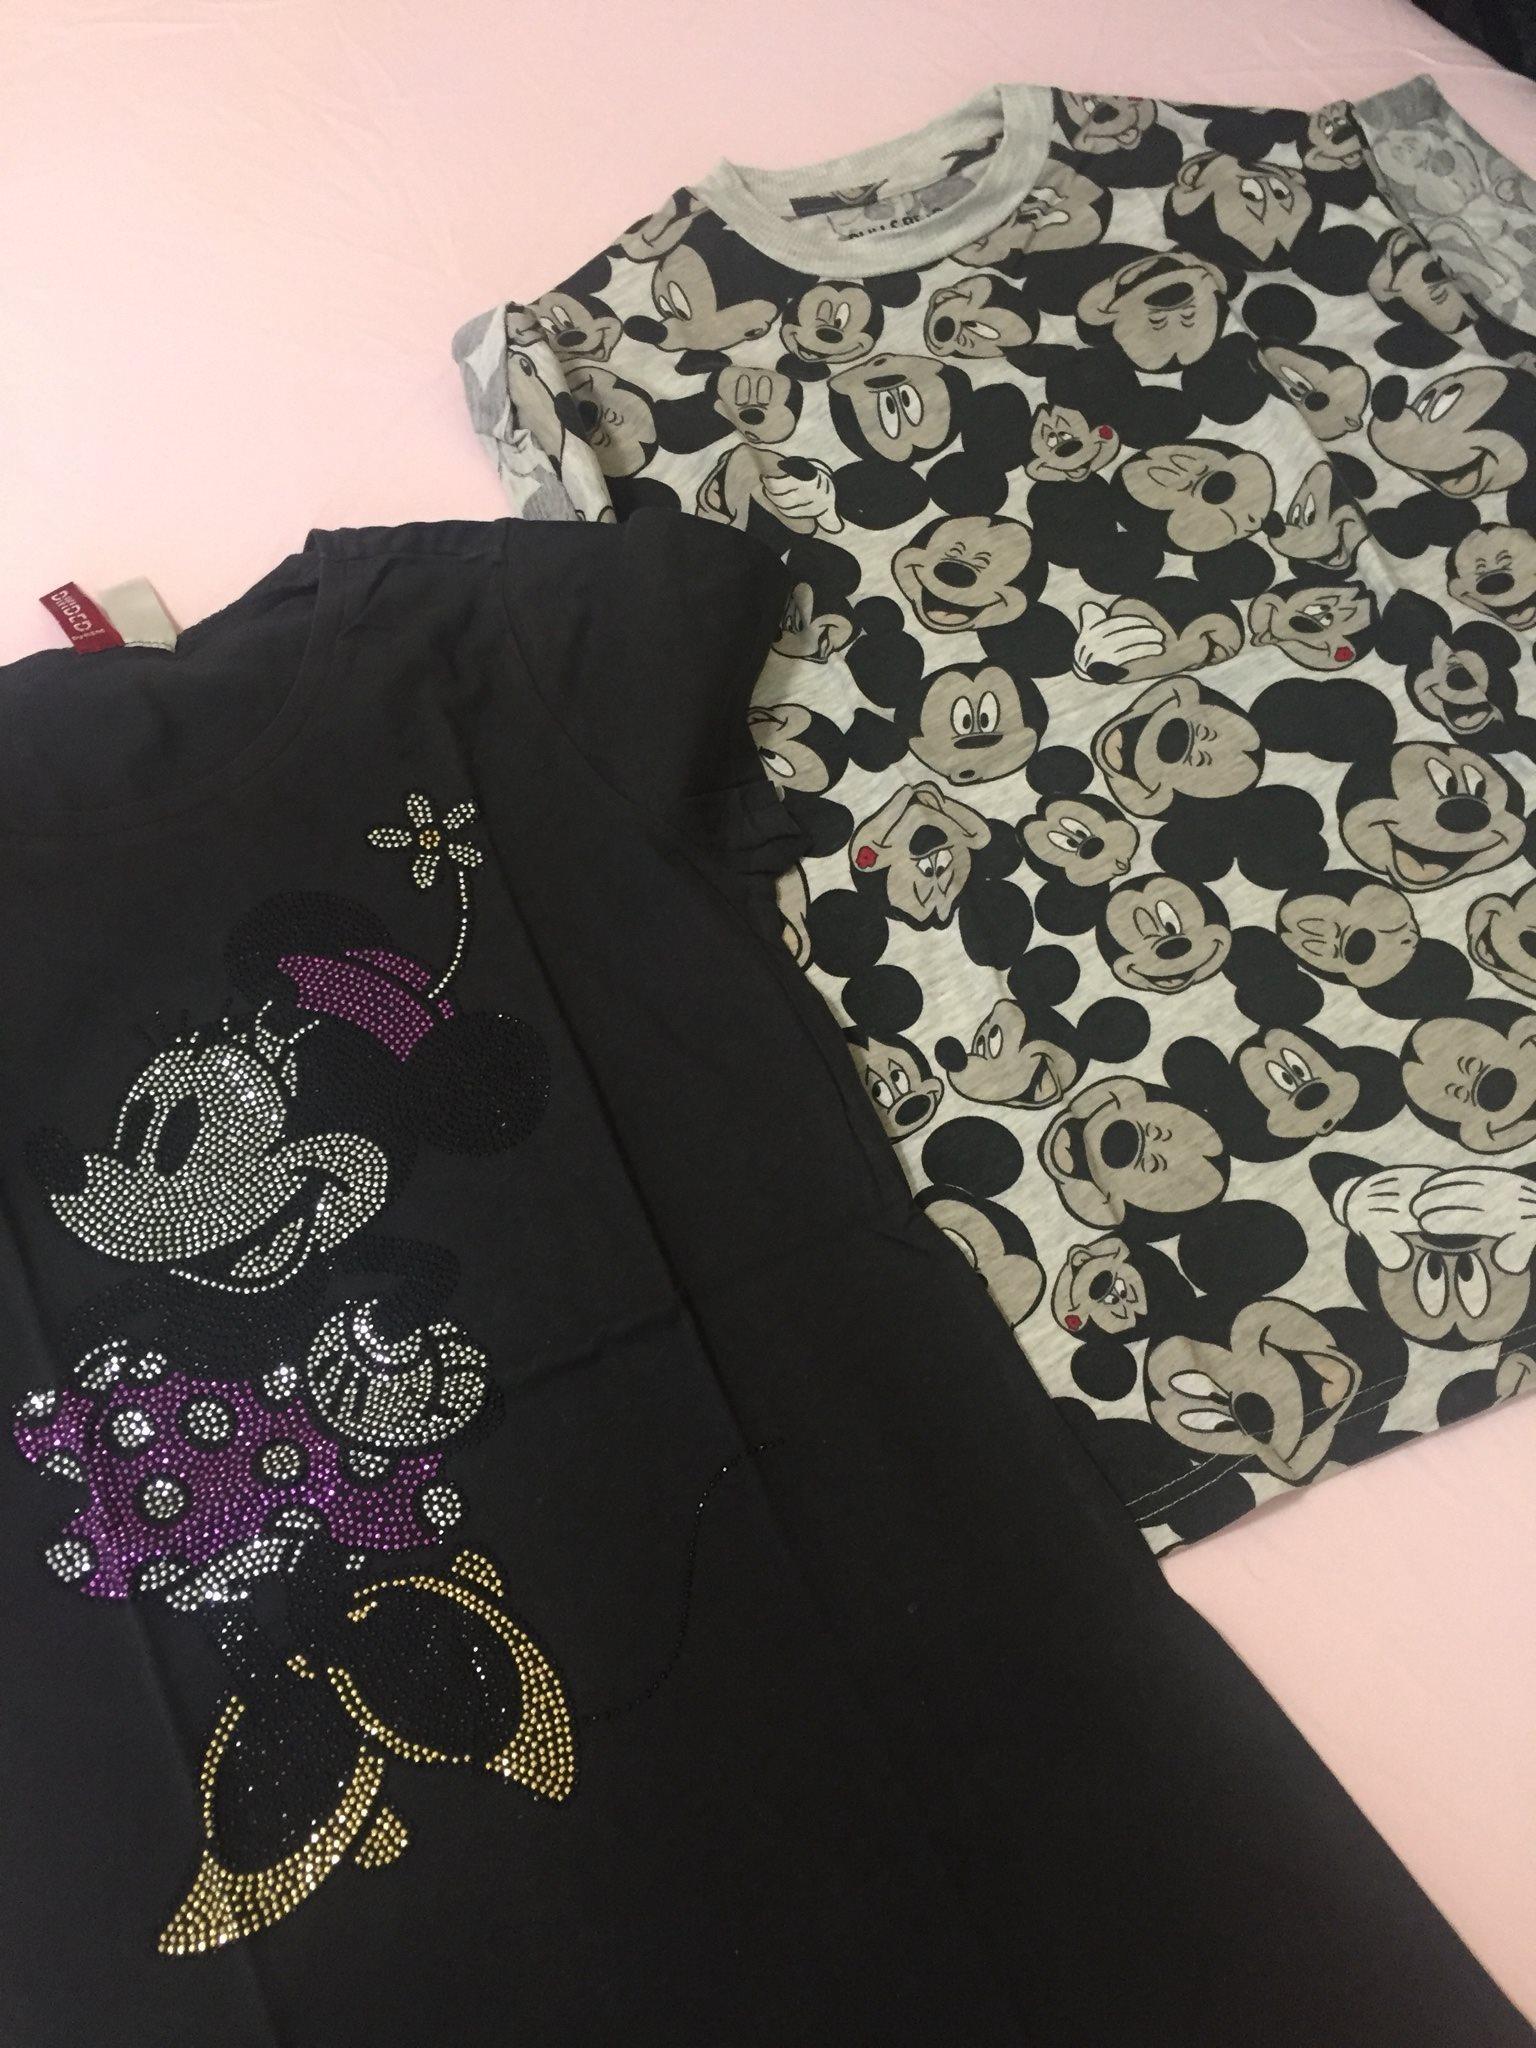 från på shirts HM dam shirt Pigg 2 Mimmi t T Disney st tUnq8Ag